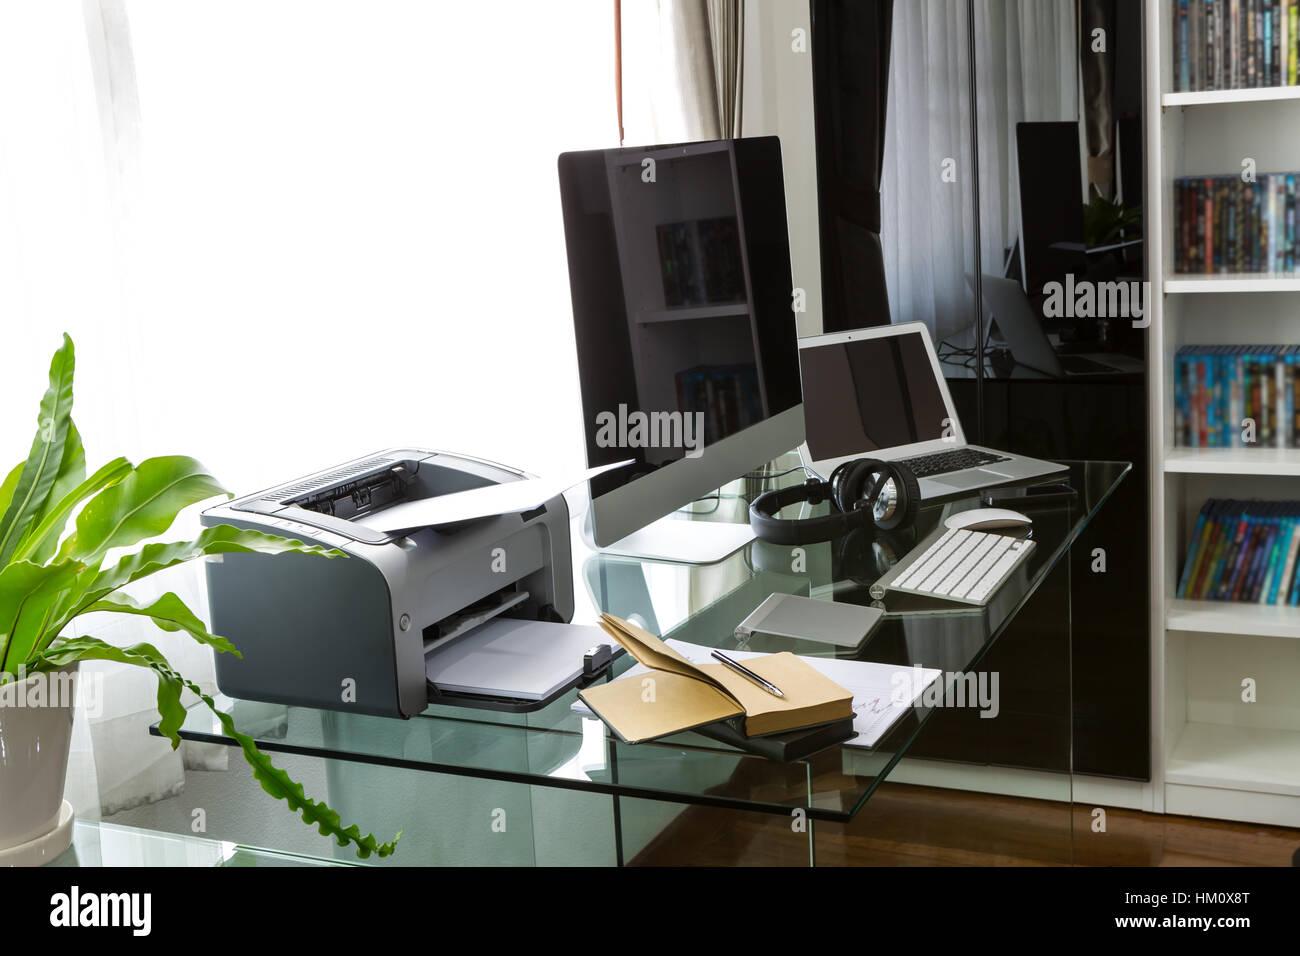 Accueil moderne bureau avec ordinateur et ordinateur portable